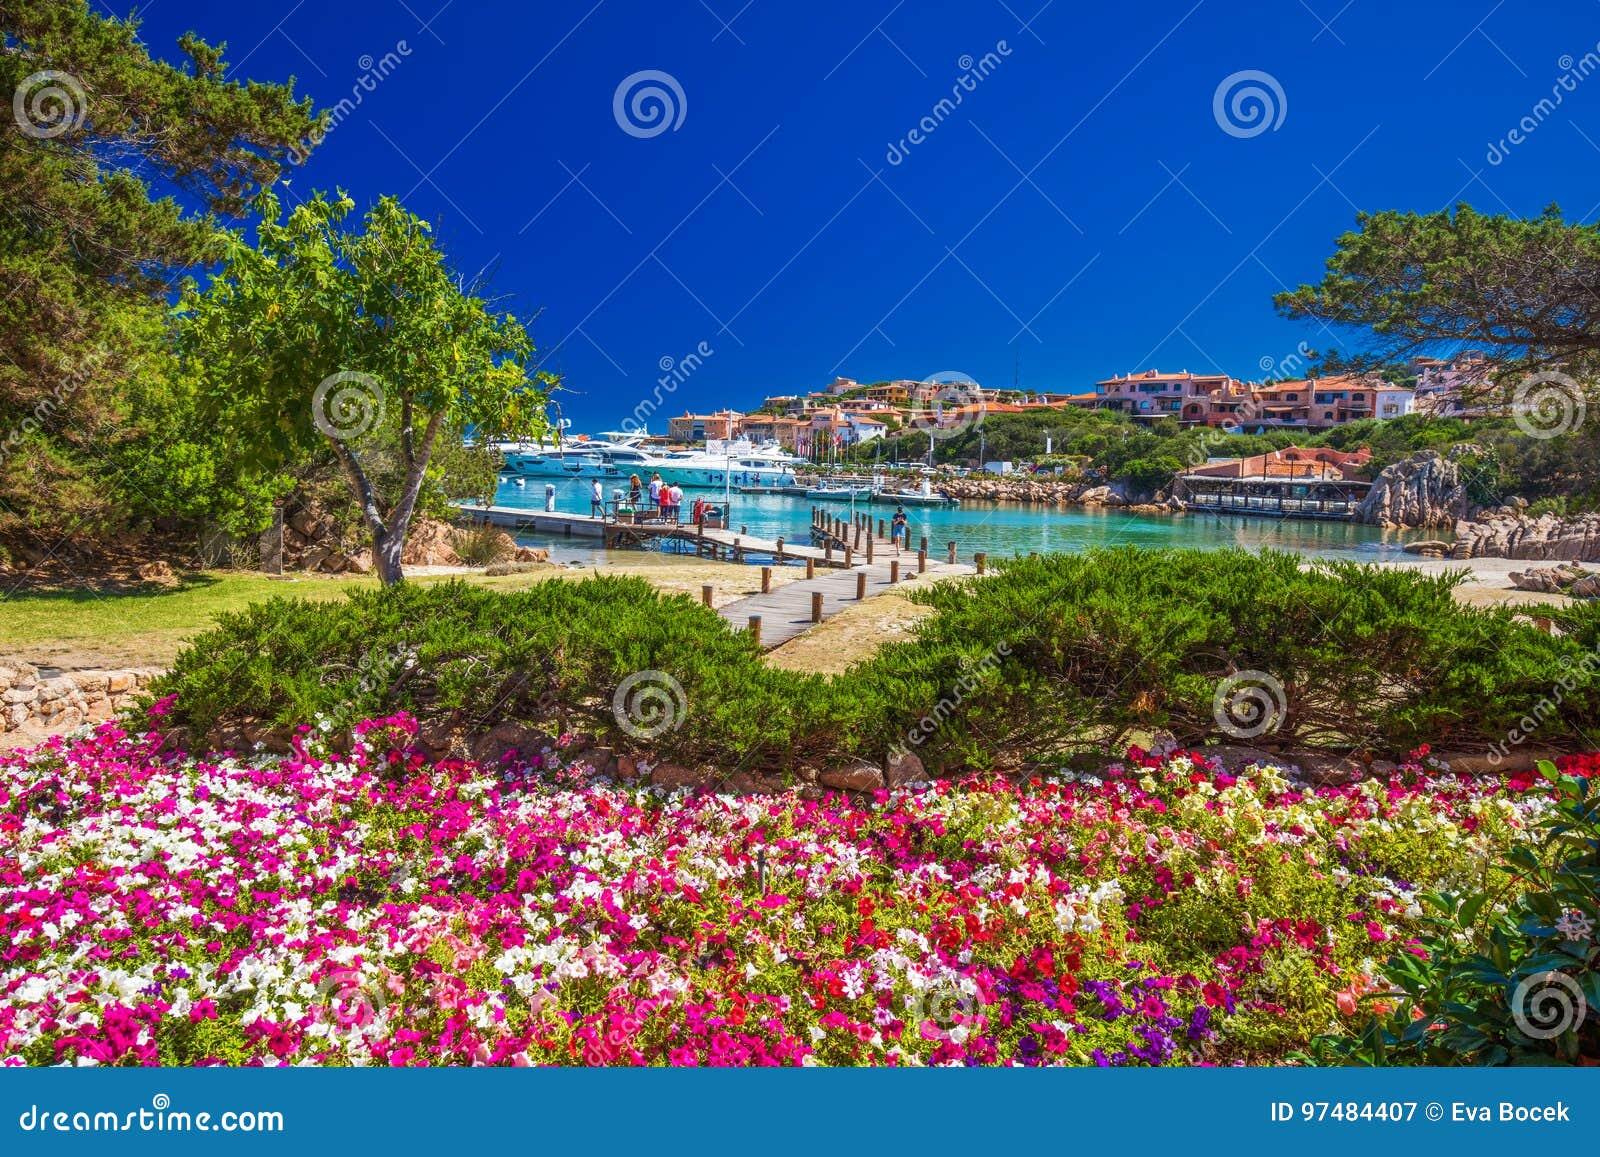 Passeggiata della linea costiera con i pini ed acqua del tourquise chiara a Oporto Cervo, Costa Smeralda, Sardegna, Italia